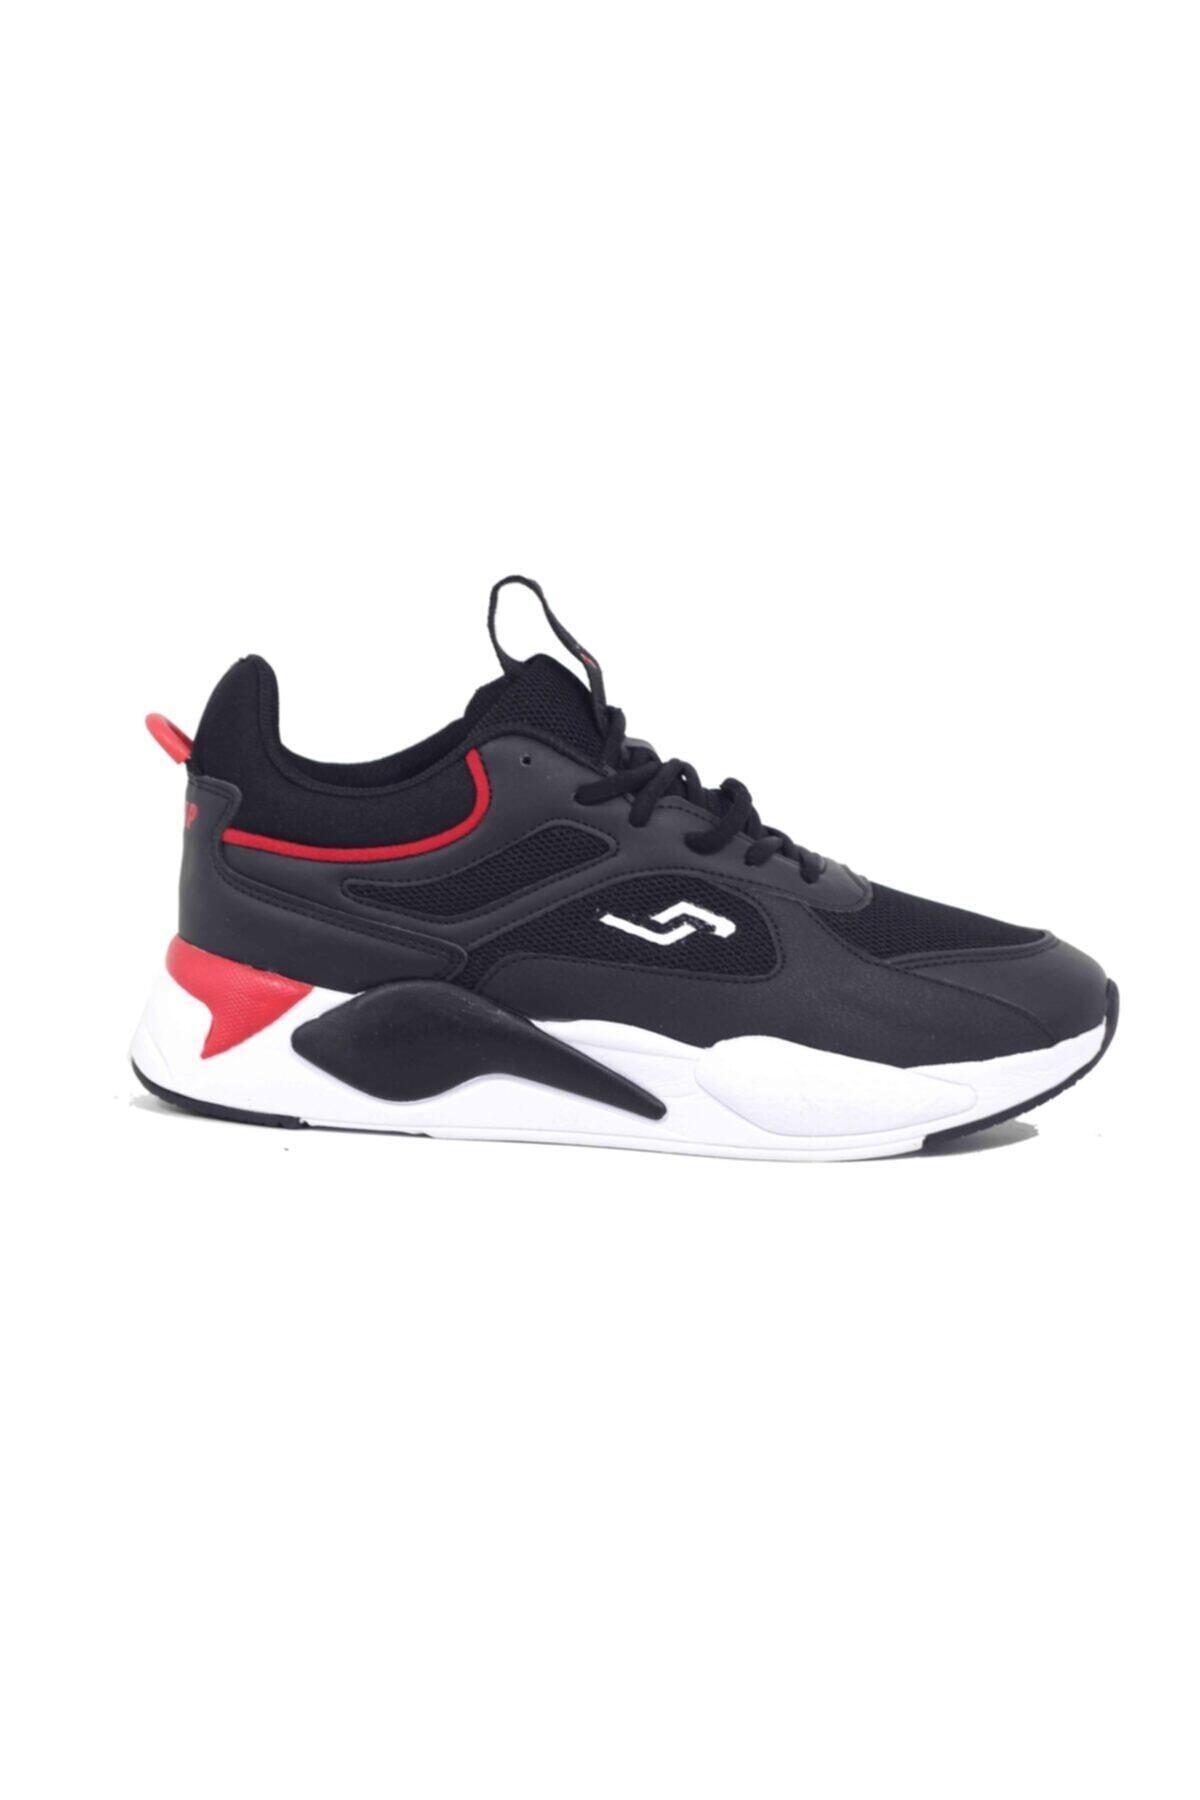 24770 Siyah - Kırmızı Erkek Spor Ayakkabı